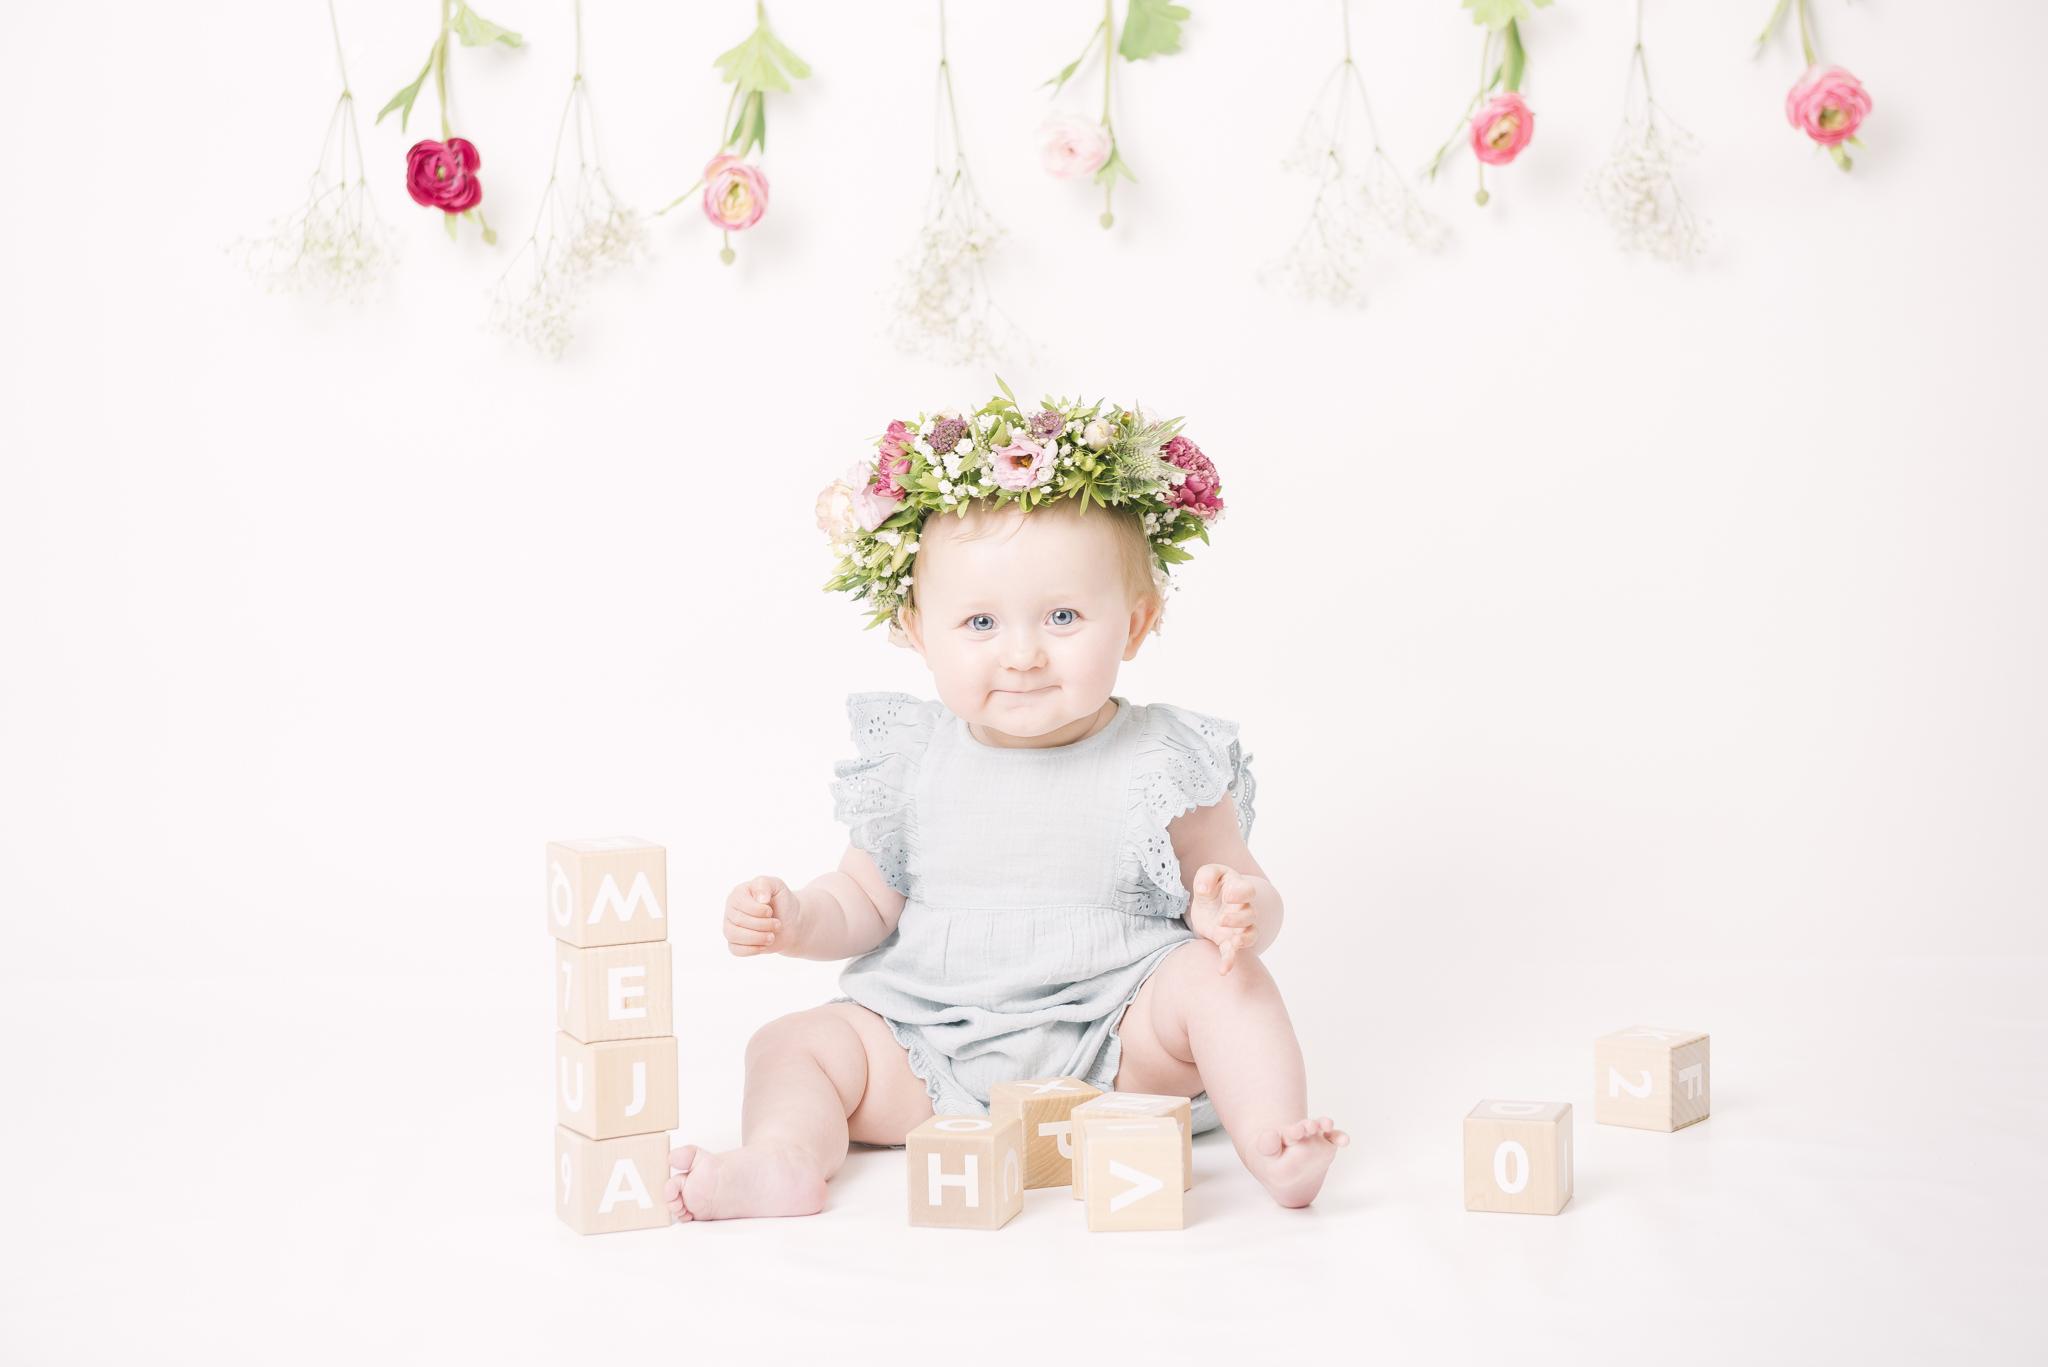 Minisessioner med julkortfoto